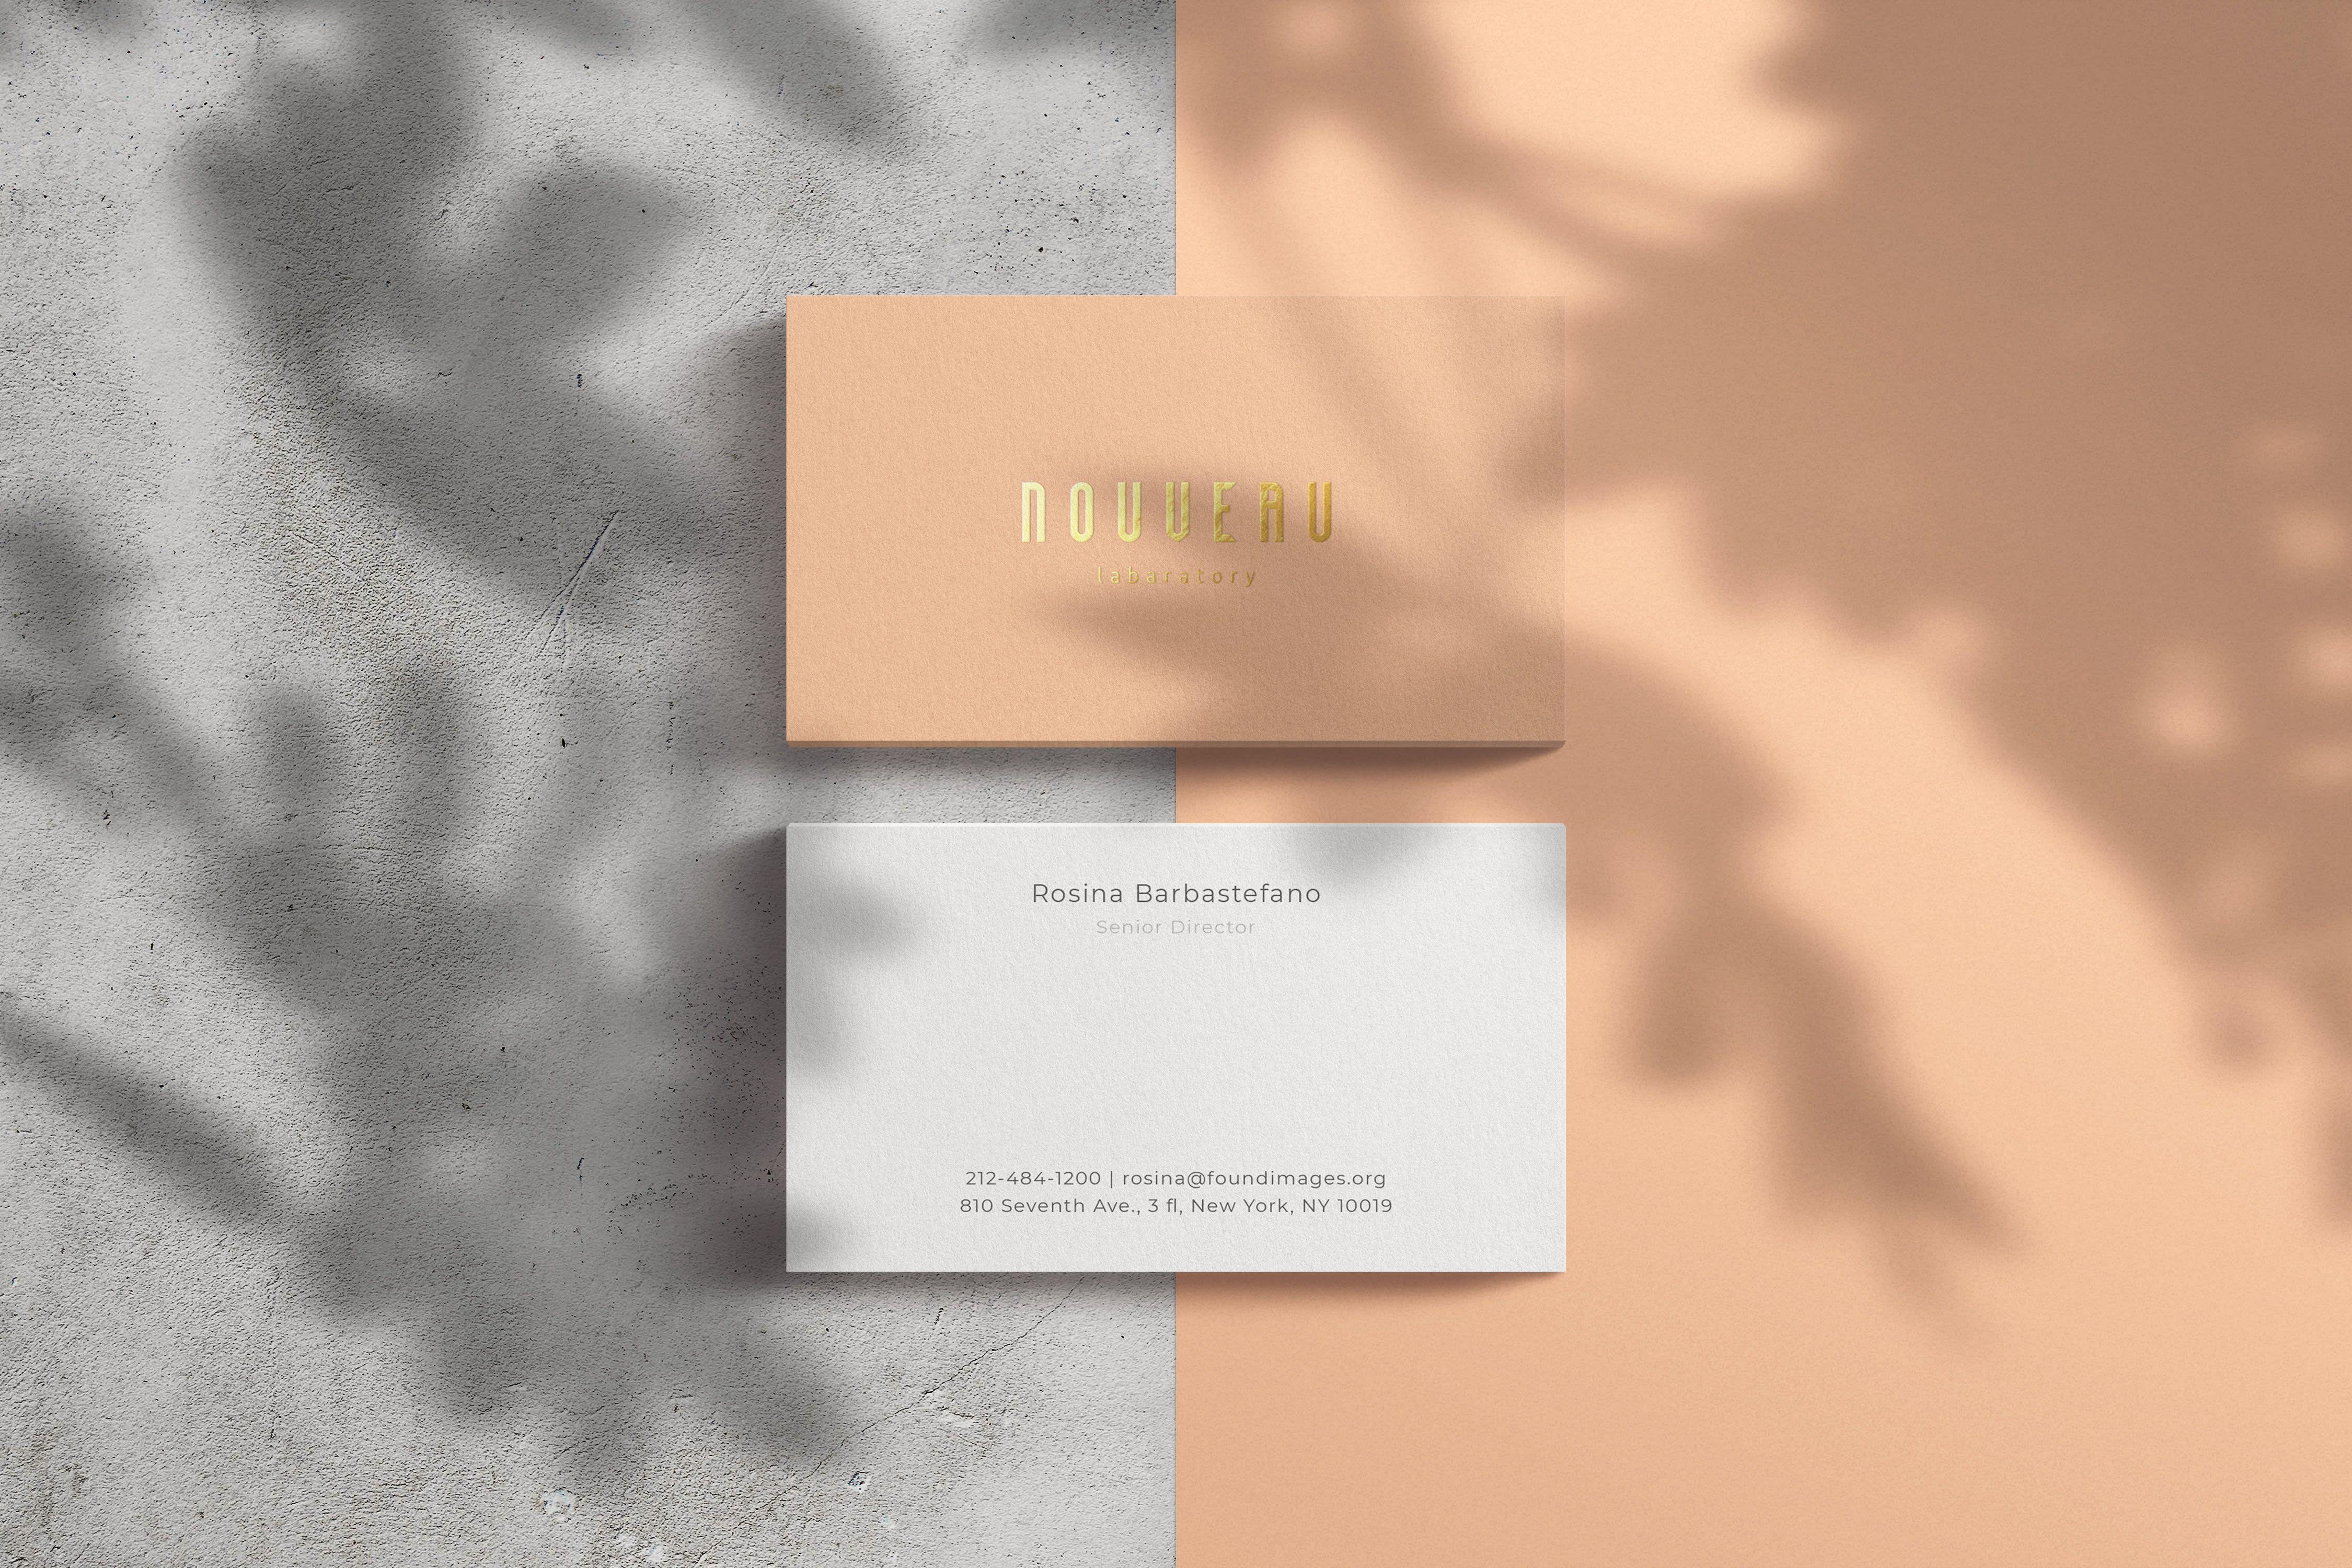 Customer Info Card Template Fresh 10 Client Information Sheet Format Sampletemplatess Card Template Body Template Card Templates Printable